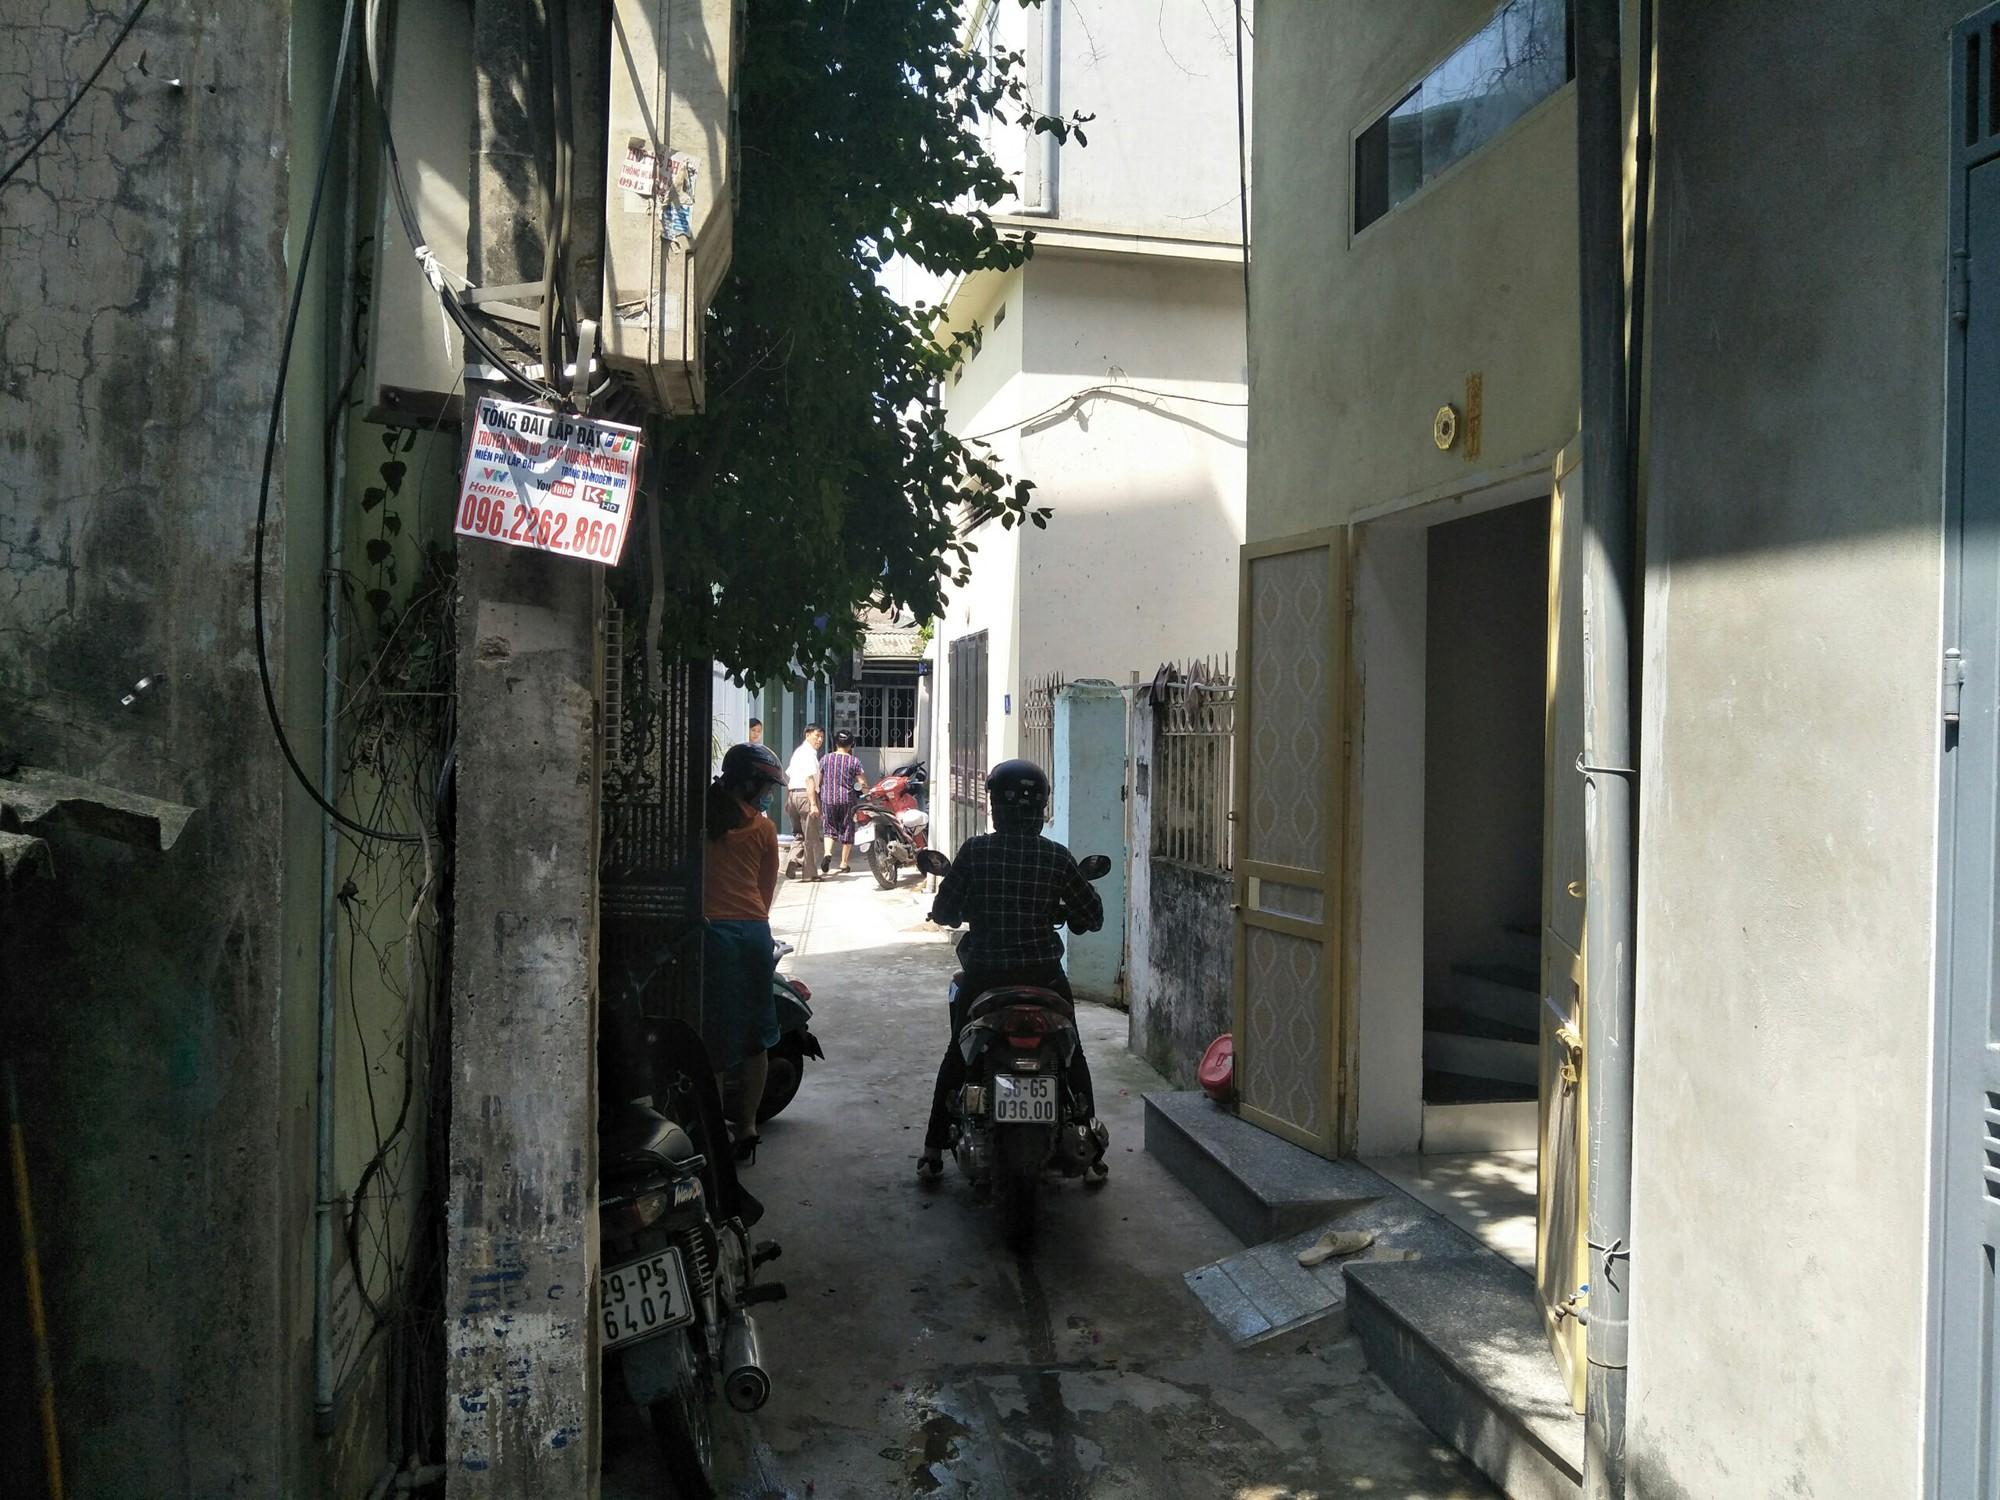 Vụ cụ bà bị chó cắn kinh hoàng ở Hà Nội: Chủ nhân của con chó là cháu ngoại của nạn nhân - 3